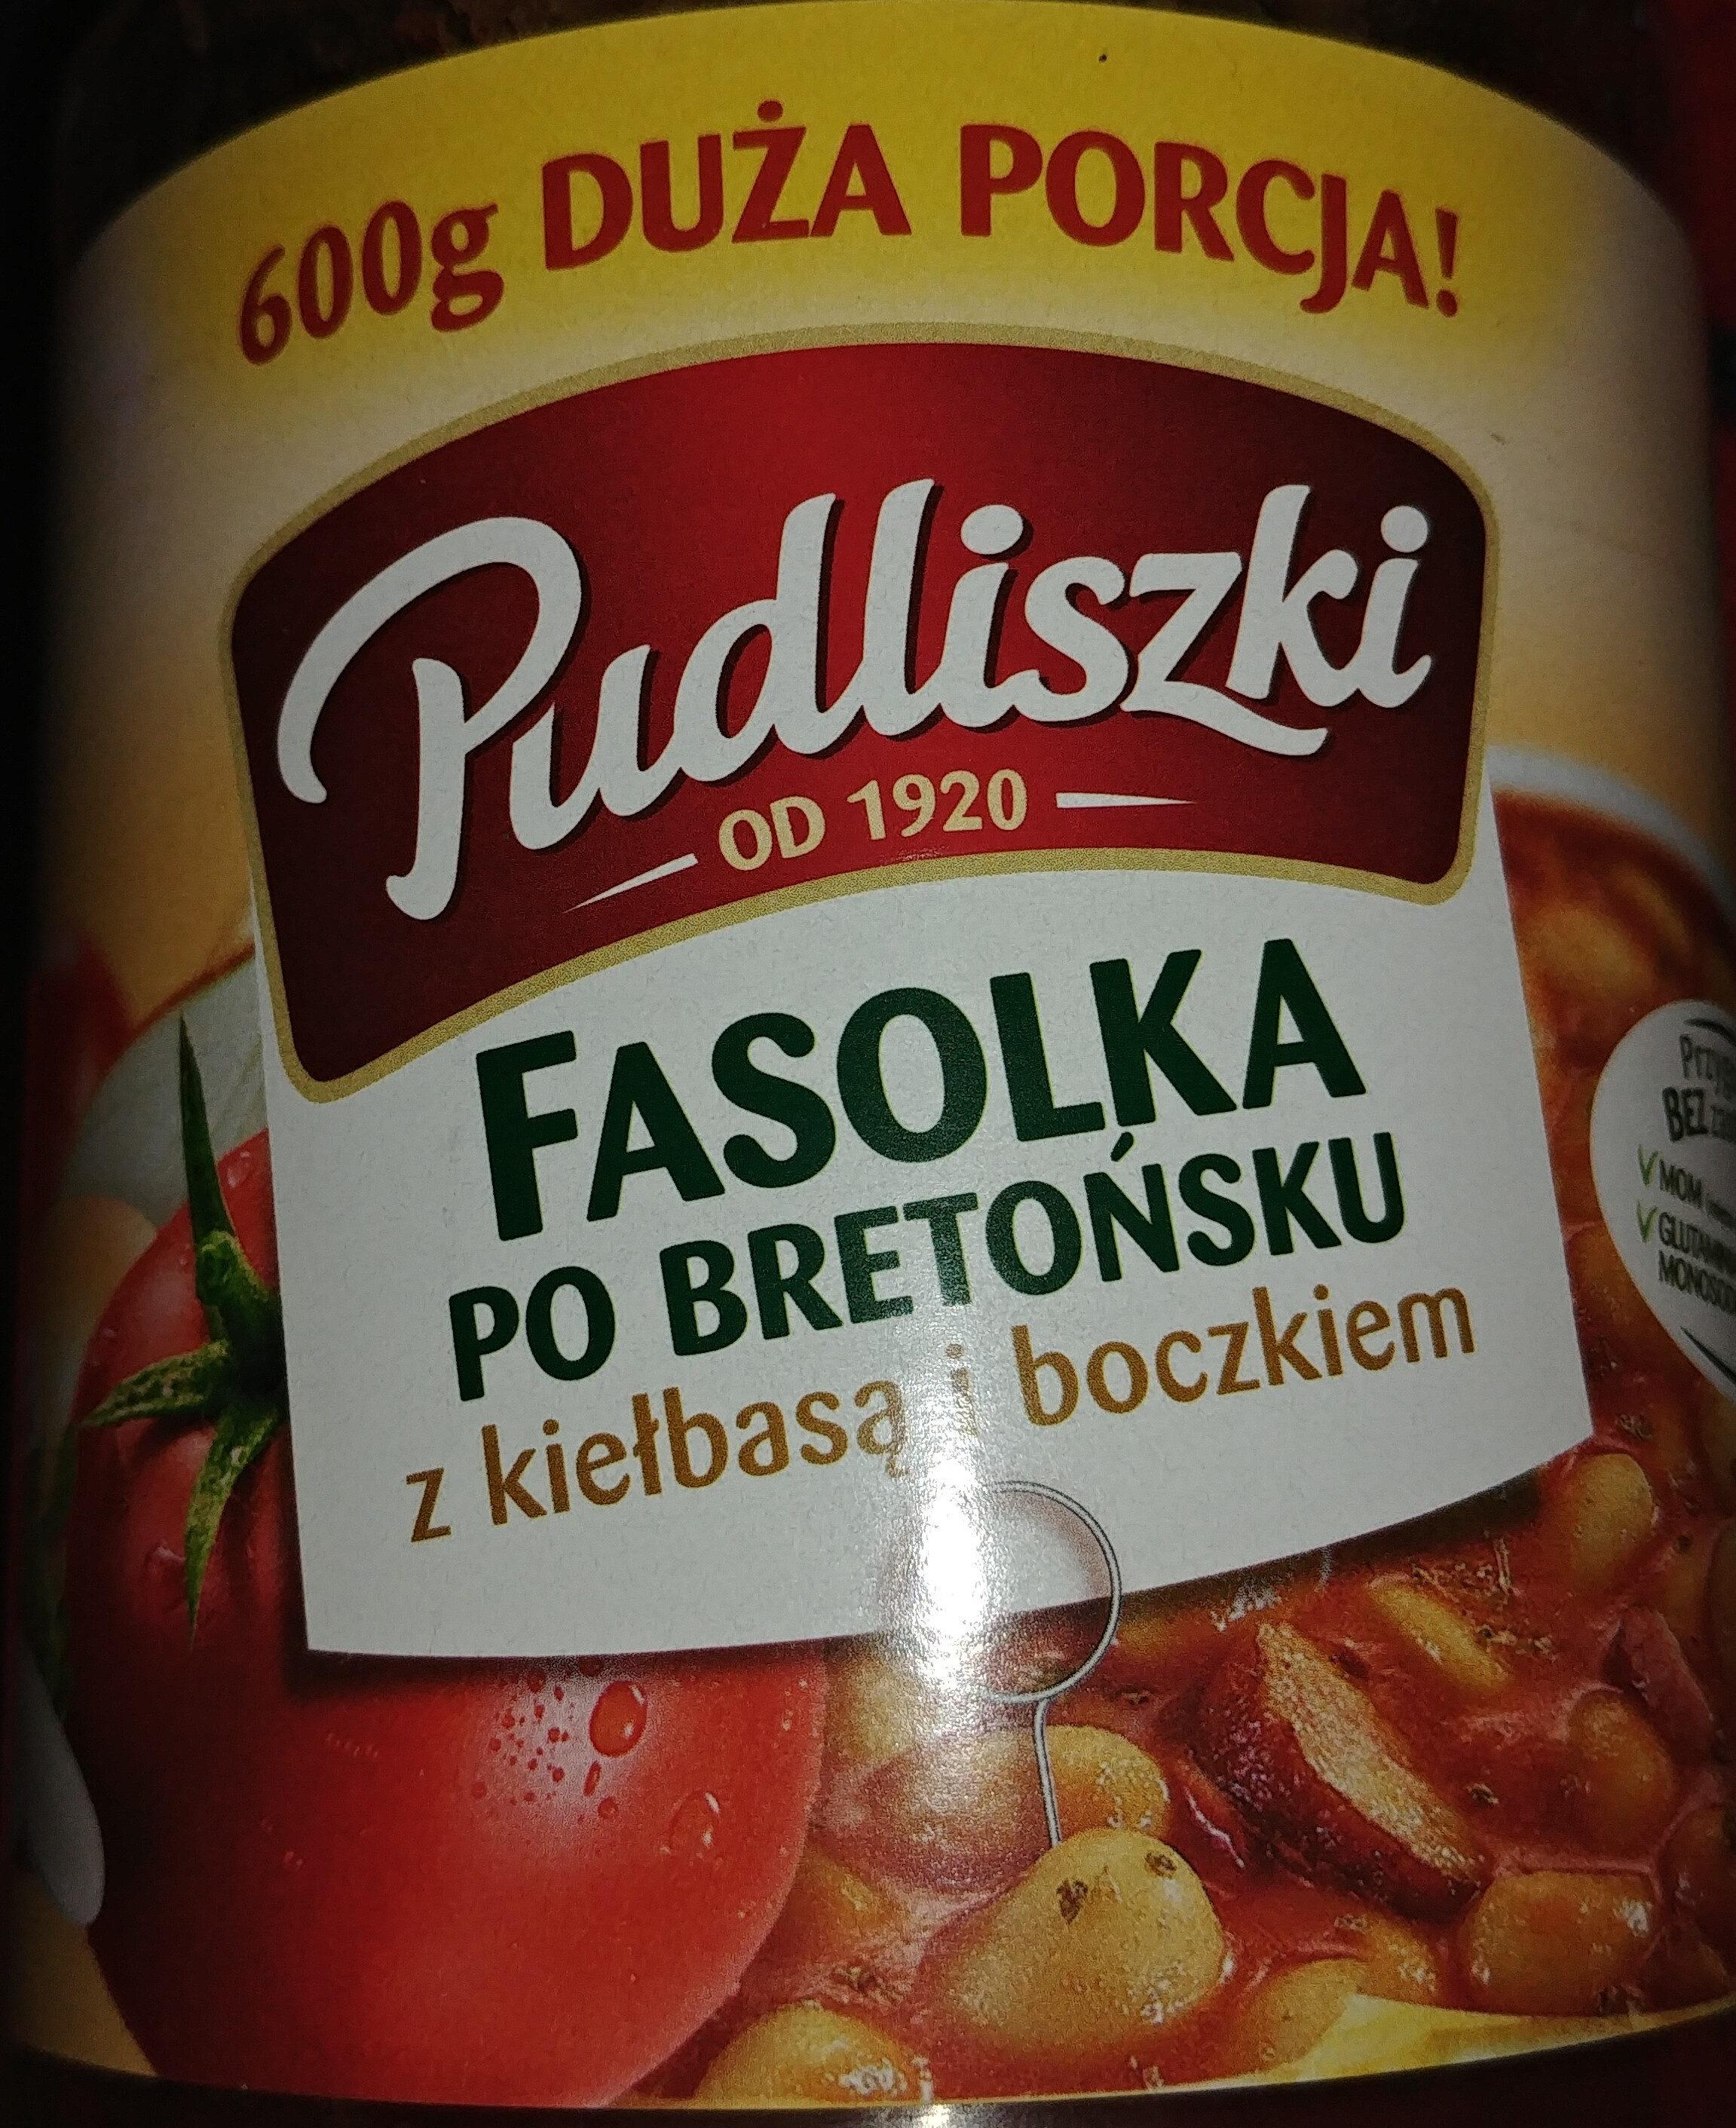 Fasolka po bretońsku z kiełbasą i boczkuem w sosie pomidorowym - Produkt - pl